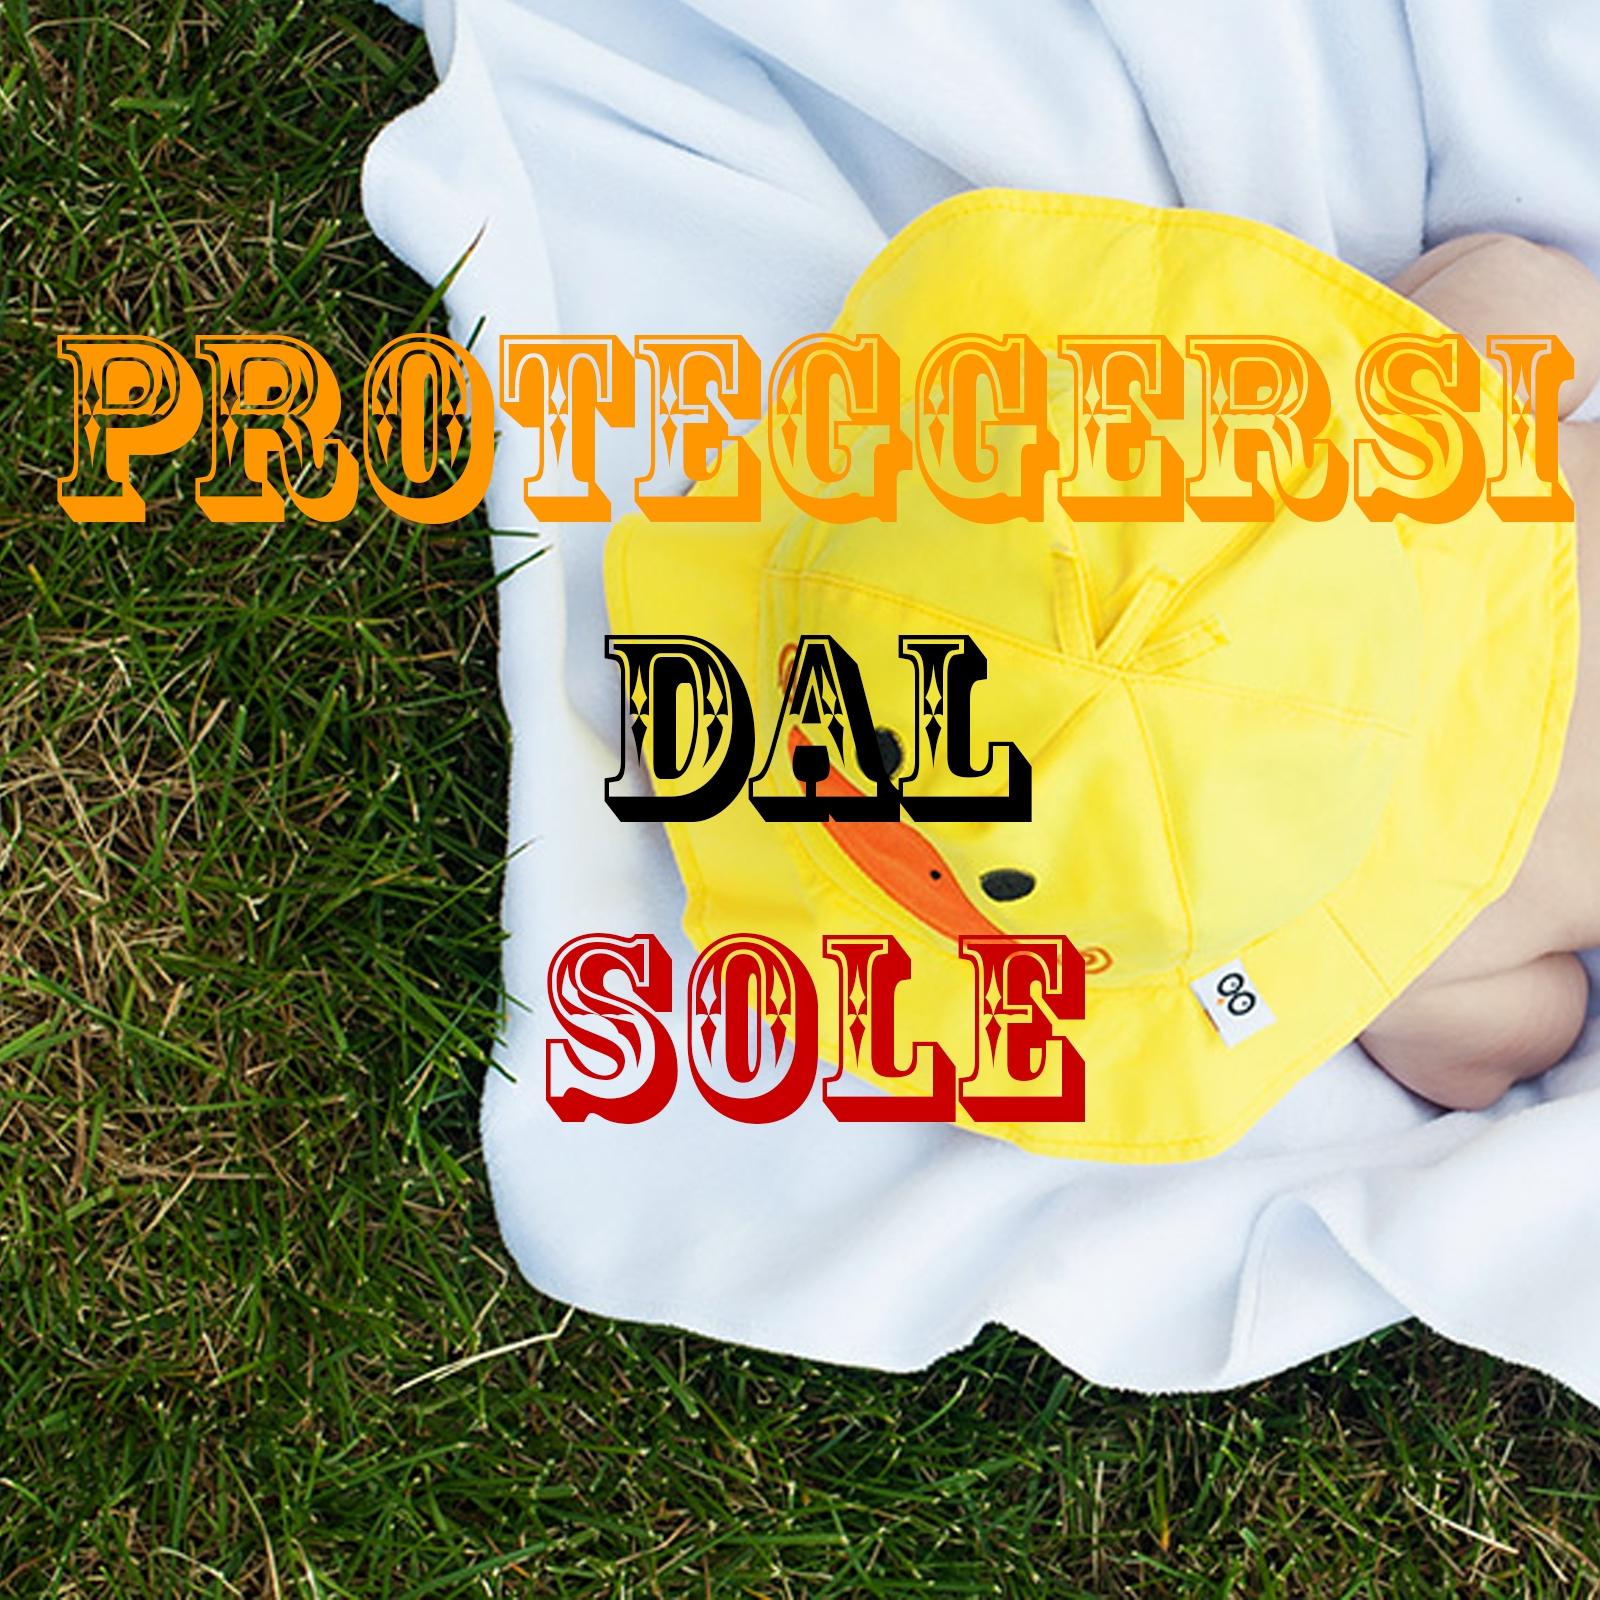 Proteggersi dal sole